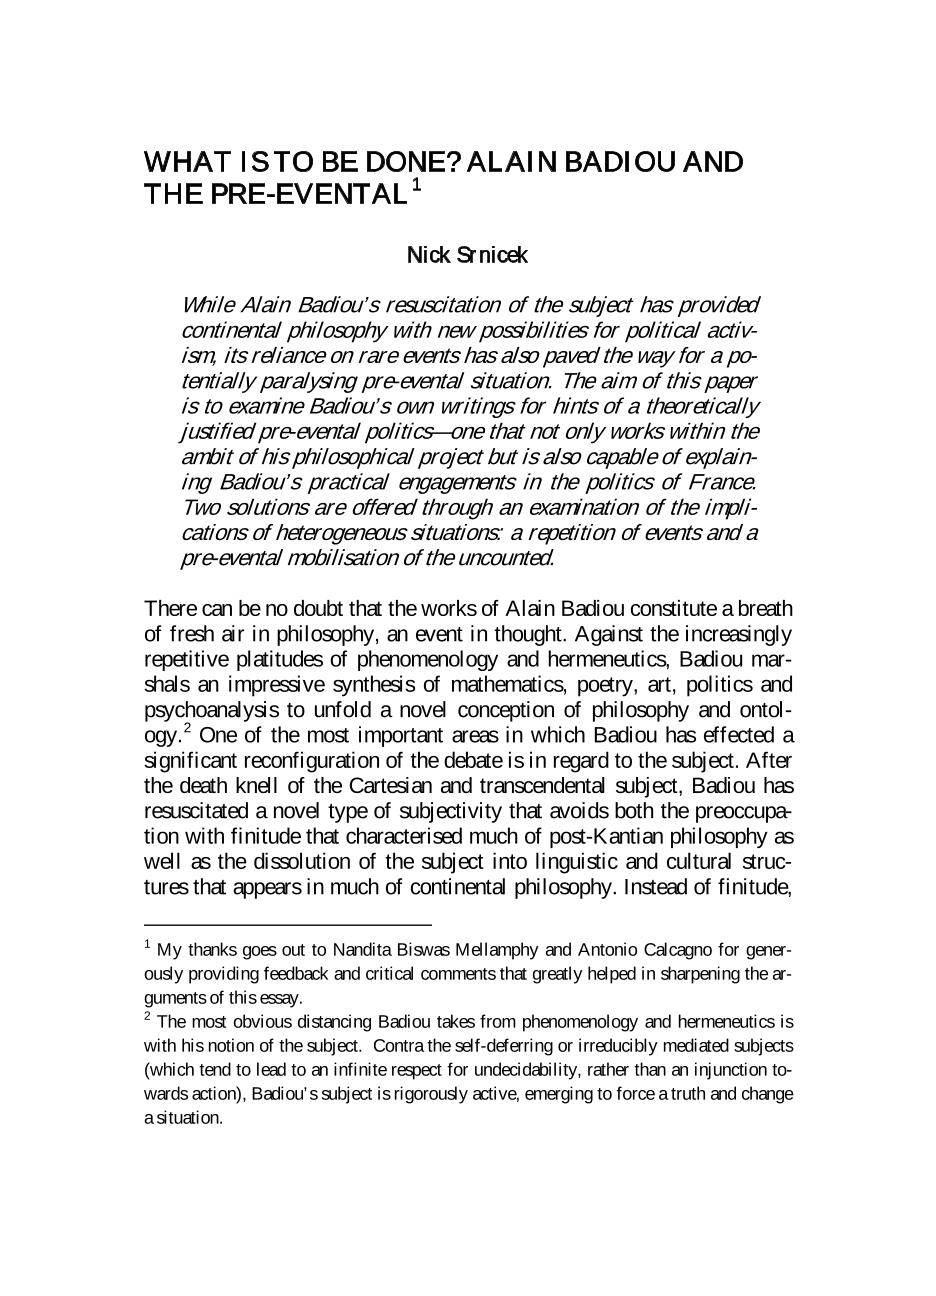 metapolitics by alain badiou pdf